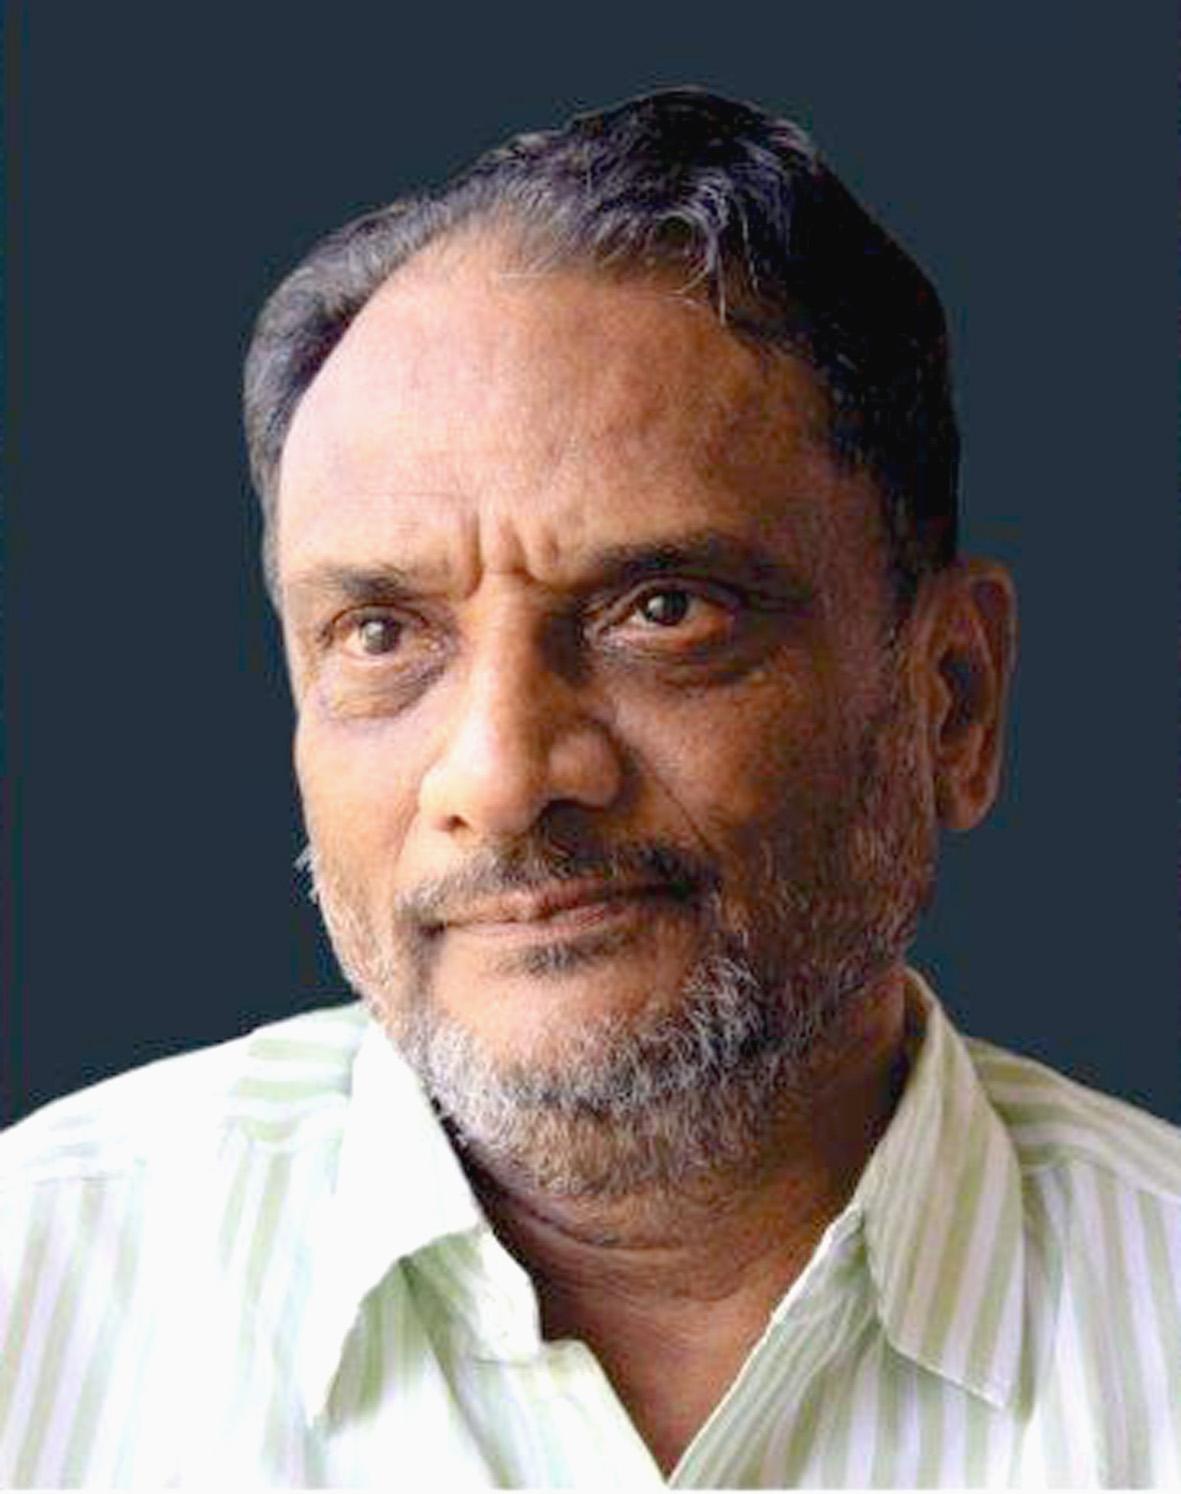 बंधुता साहित्य परिषद व 'काषाय'तर्फे डॉ. श्रीपाल सबनीस यांचा जाहीर सत्कार